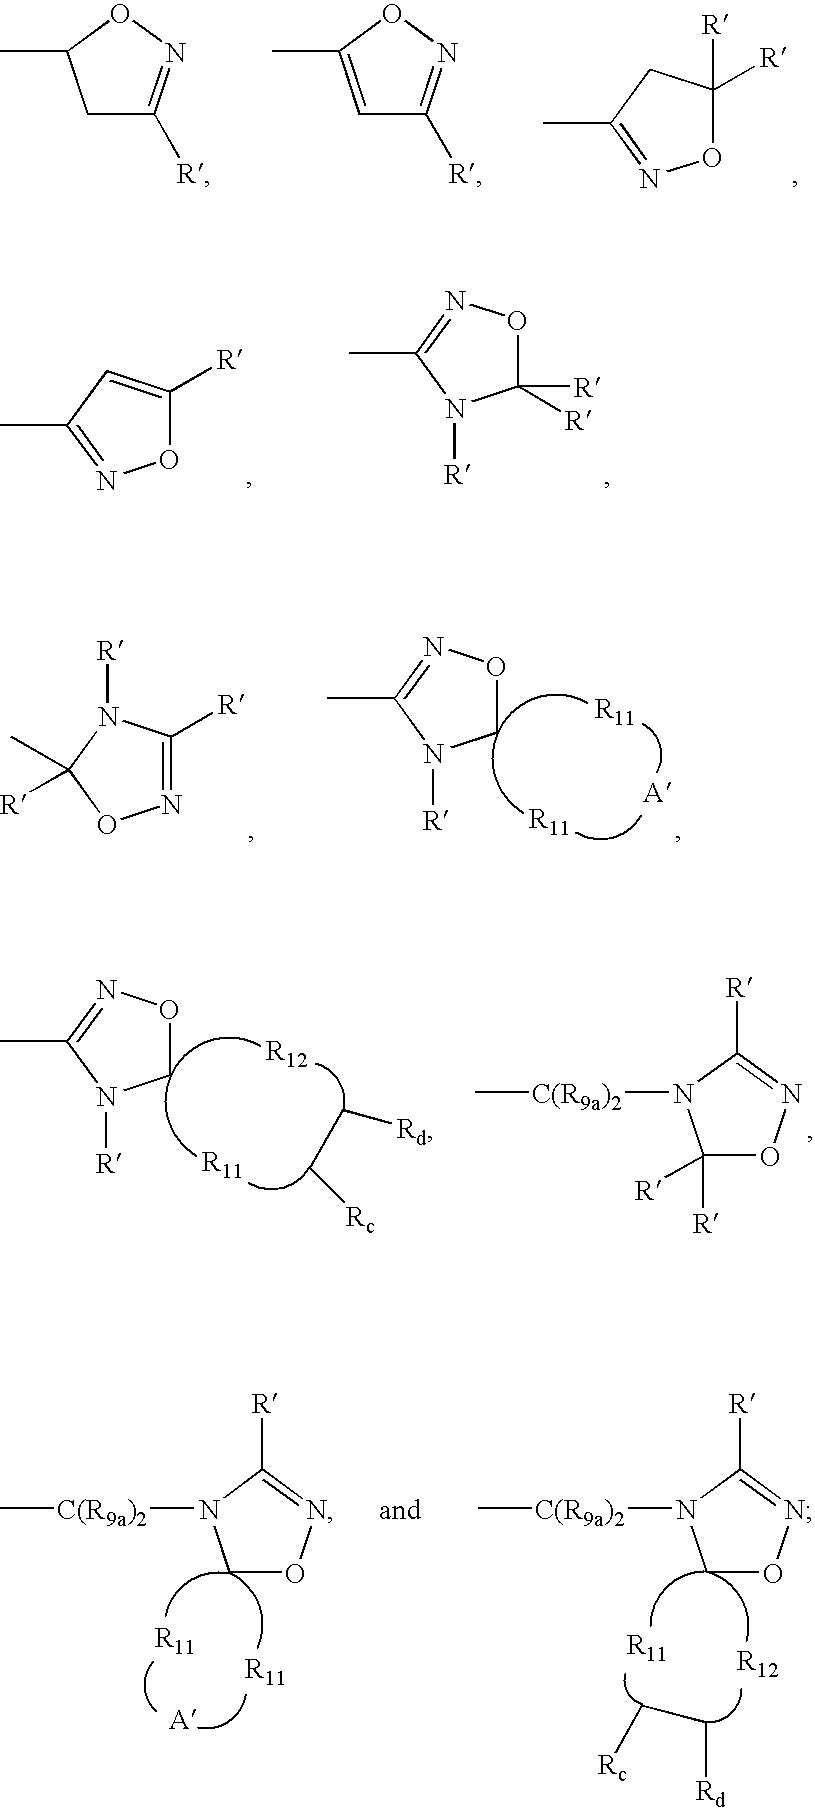 Figure US20070287725A1-20071213-C00176